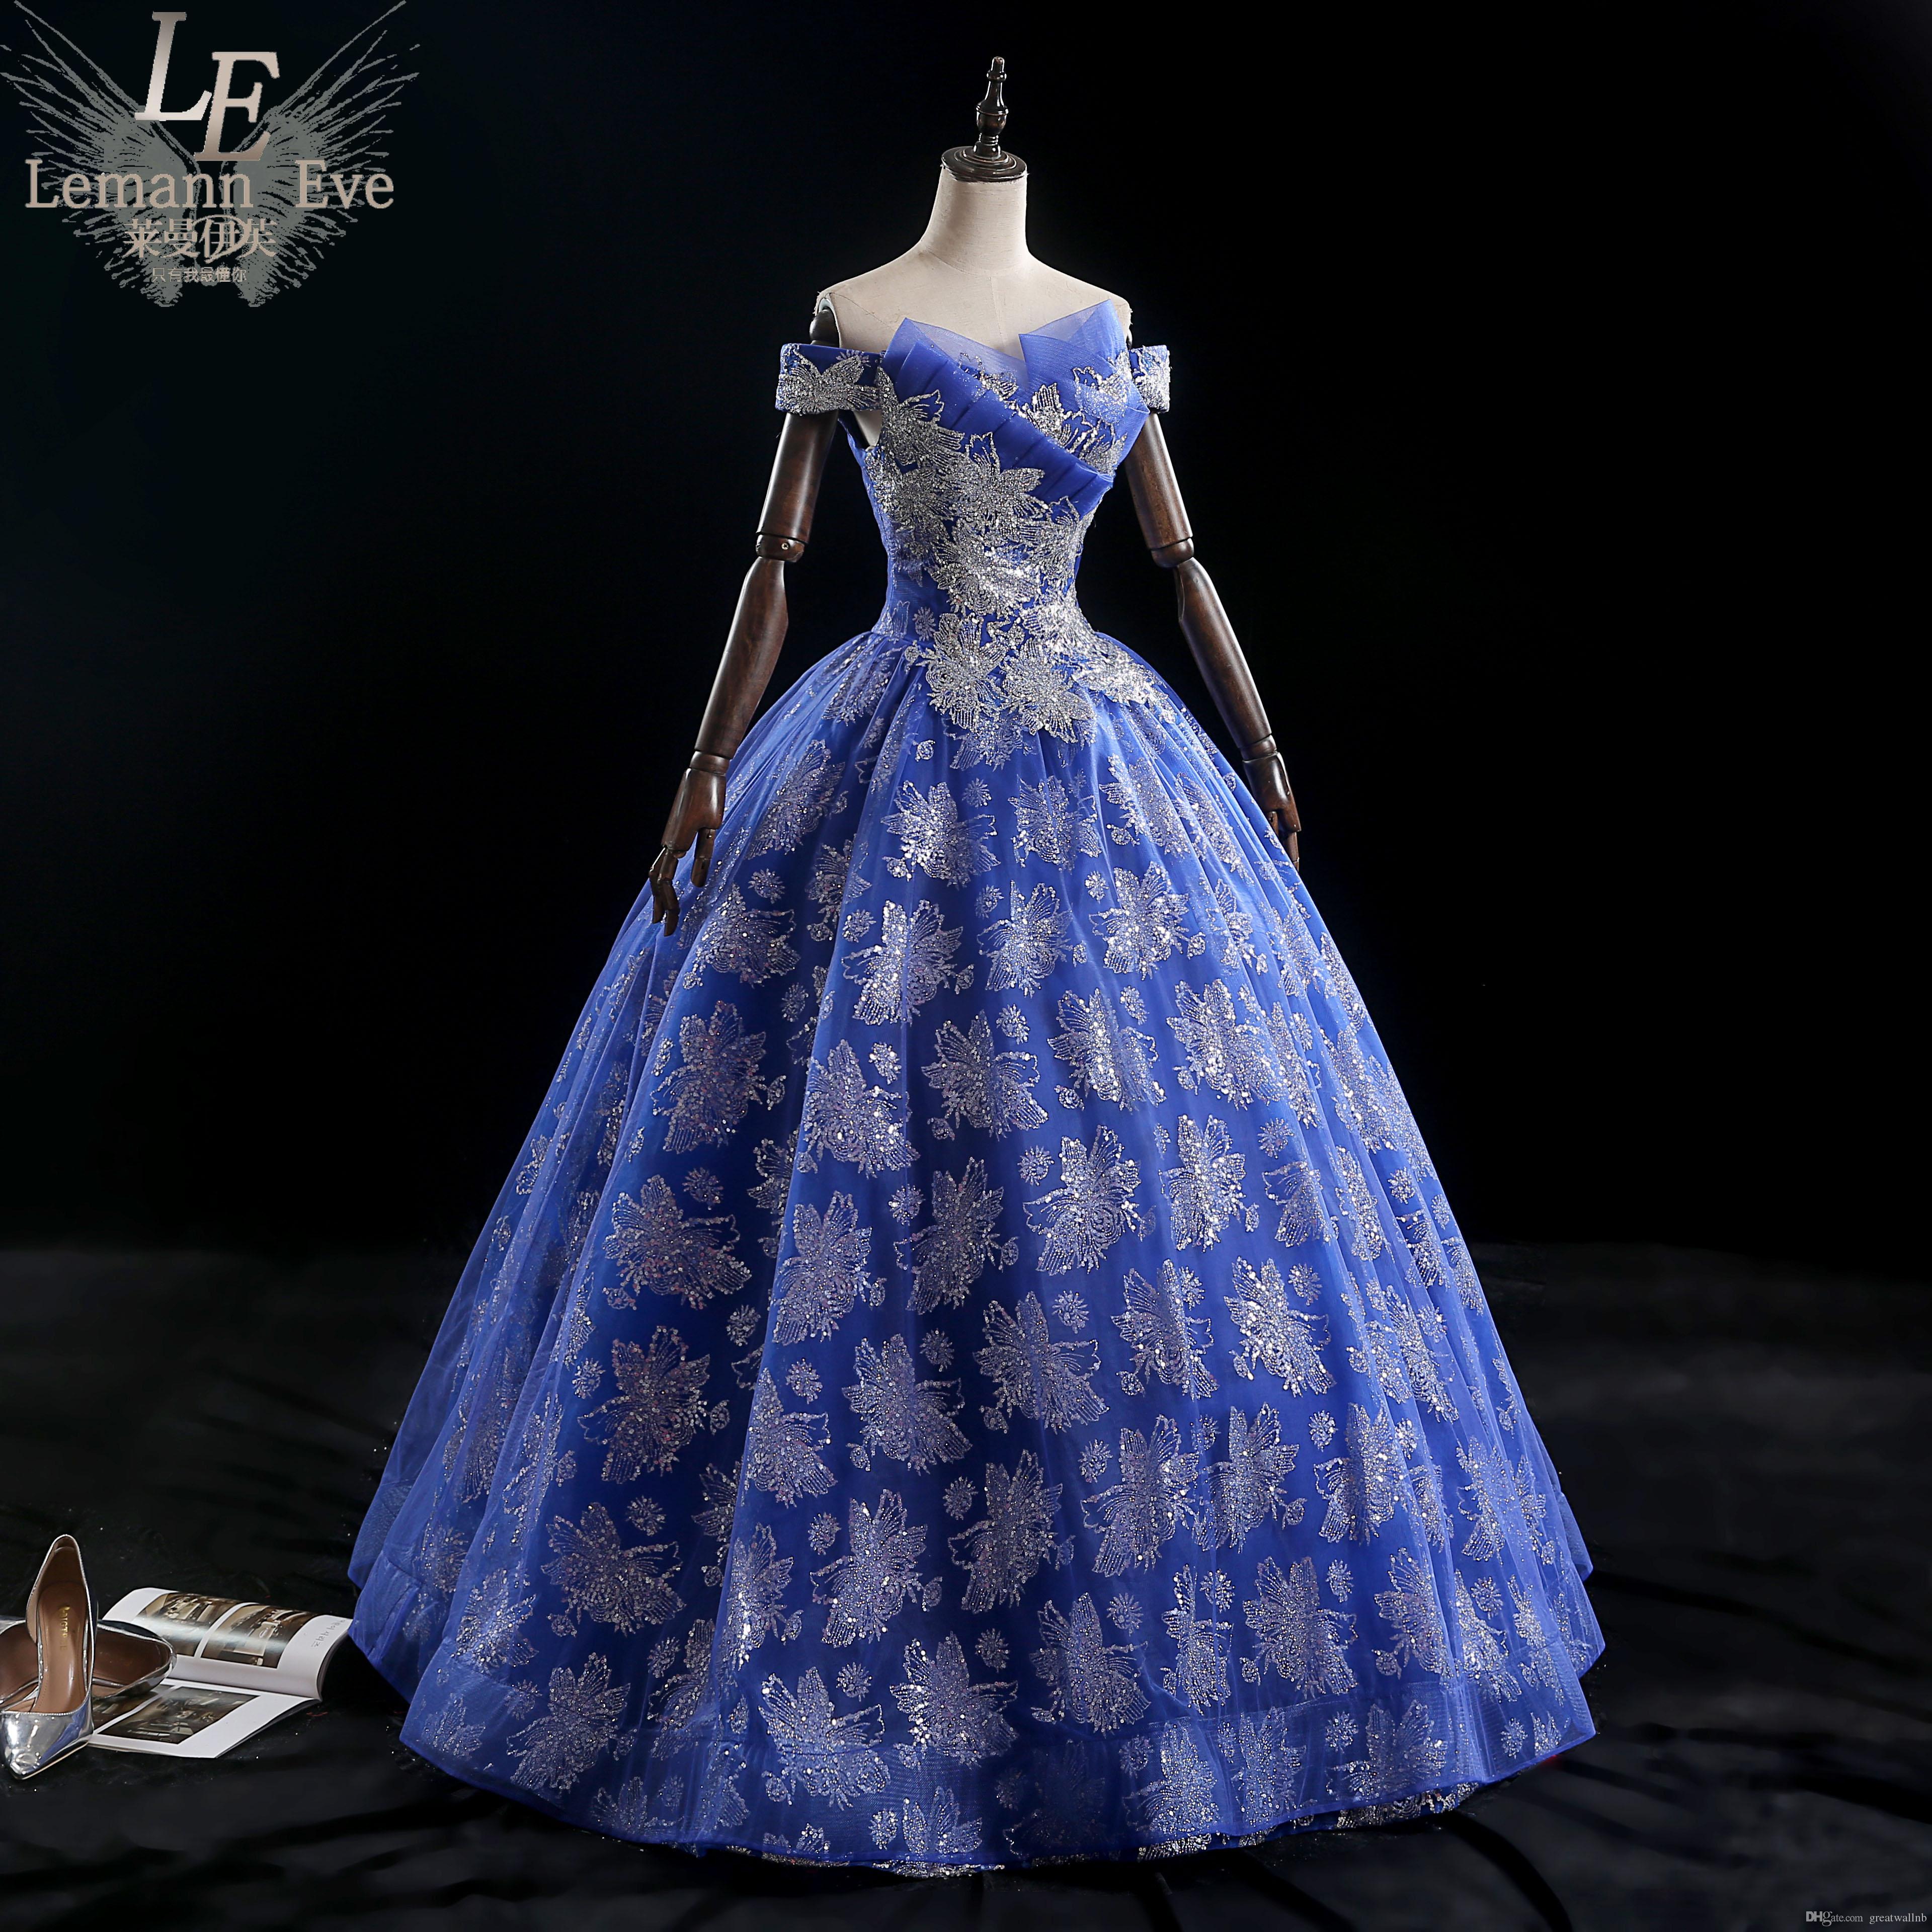 Abito medievale da ballo in carnevale rococò con glitter blu royal 100% Abito medievale Abito rinascimentale regina cosplay Vittoriano / Marie Belle